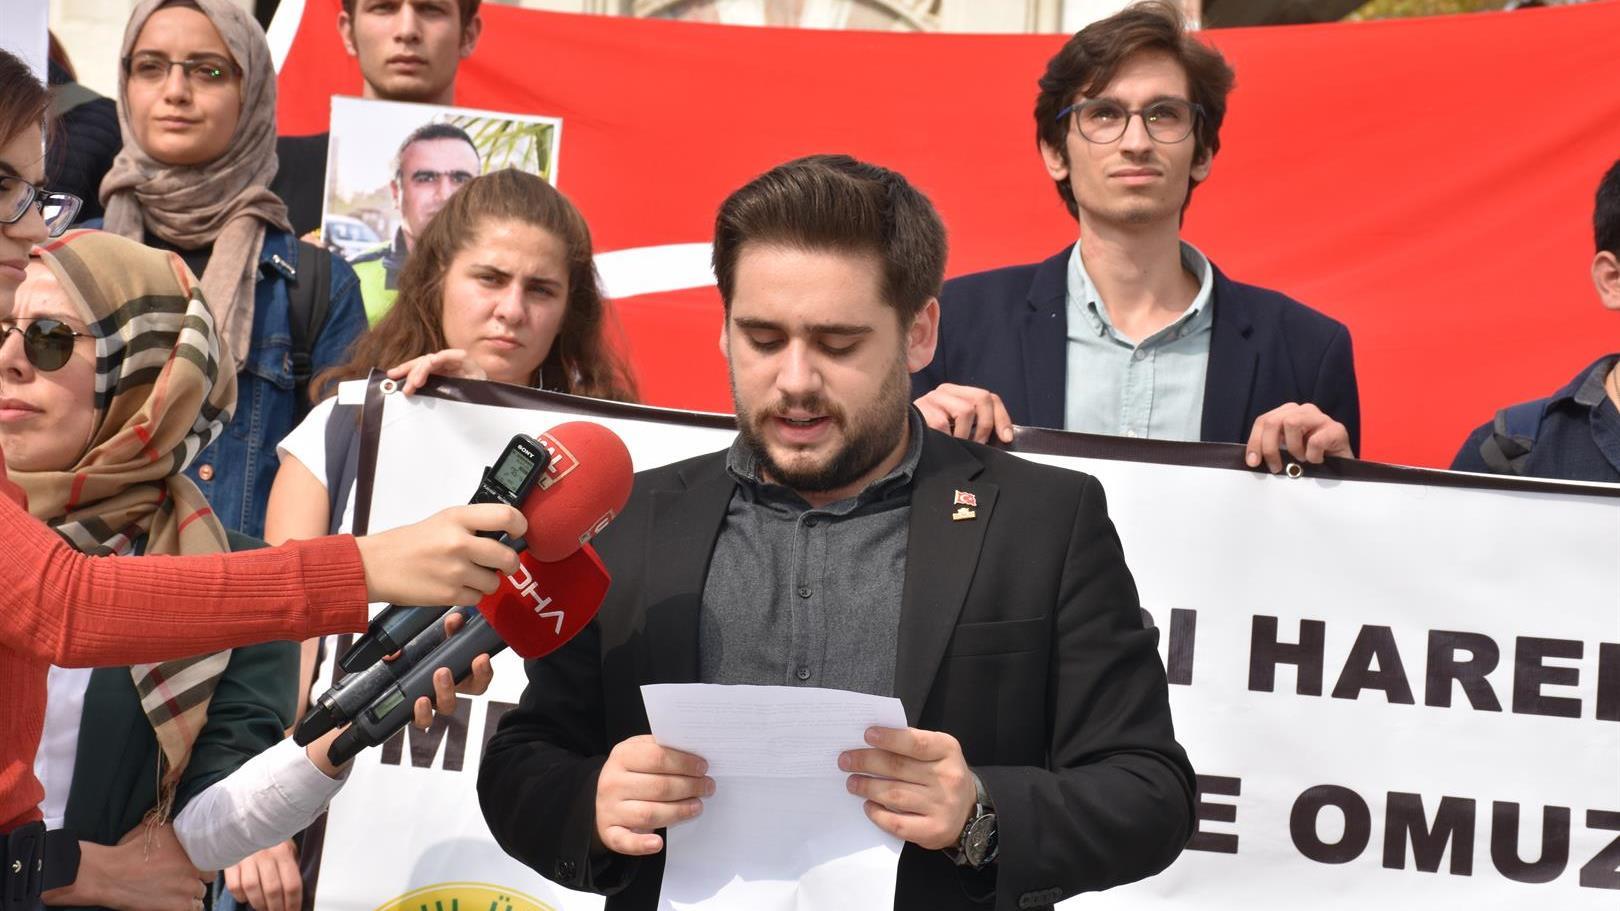 Barış-Pınarı-Harekatı istanbul-üniversitesi istanbul-üniversitesi-öğrenci-konseyi emir-alp-turgut